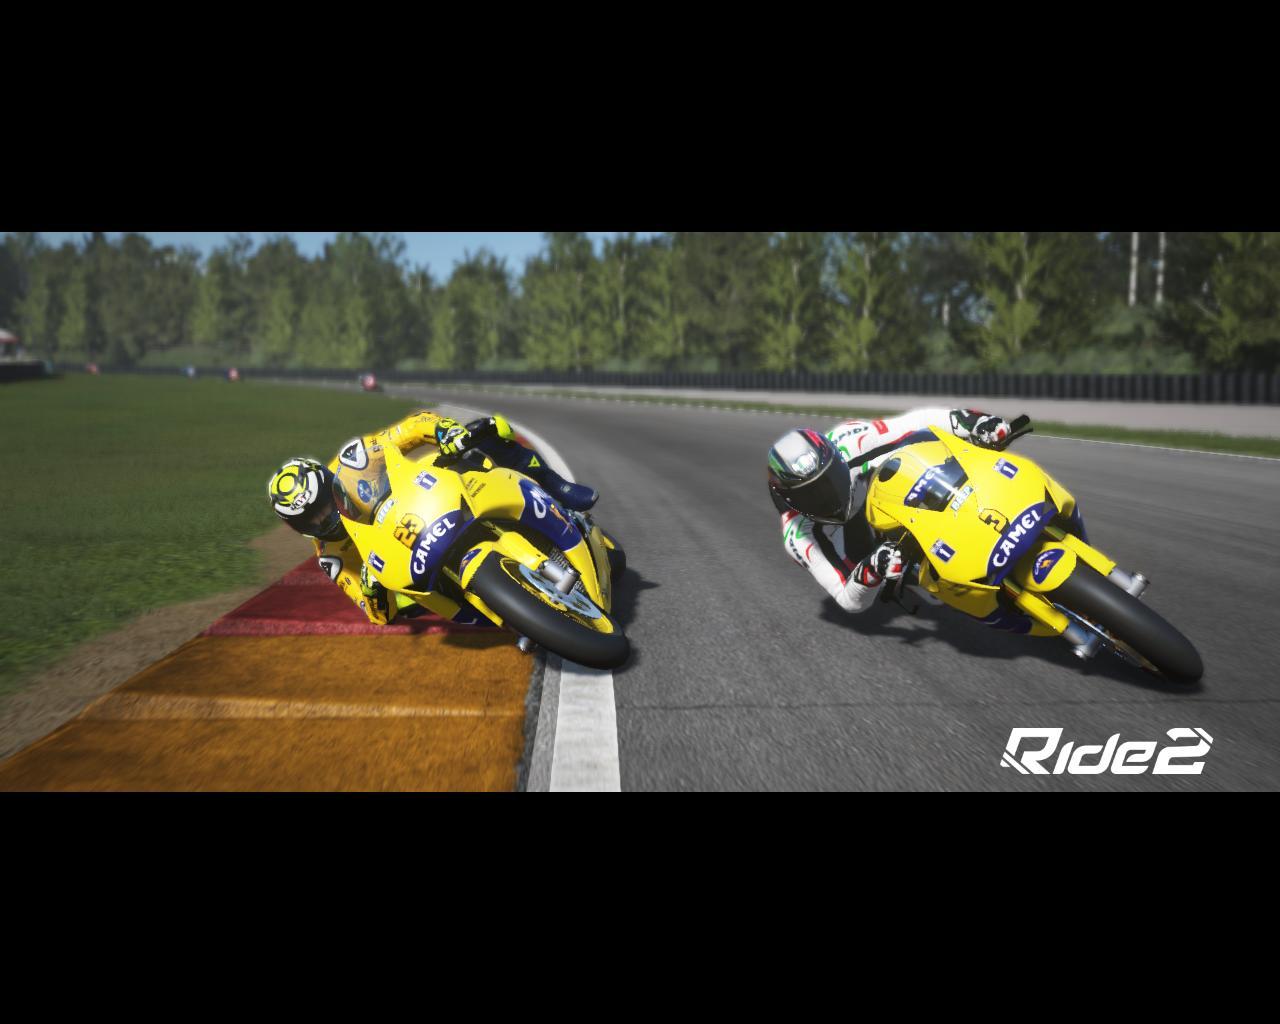 Ride2X64 2016-11-30 08-00-28-40.jpg